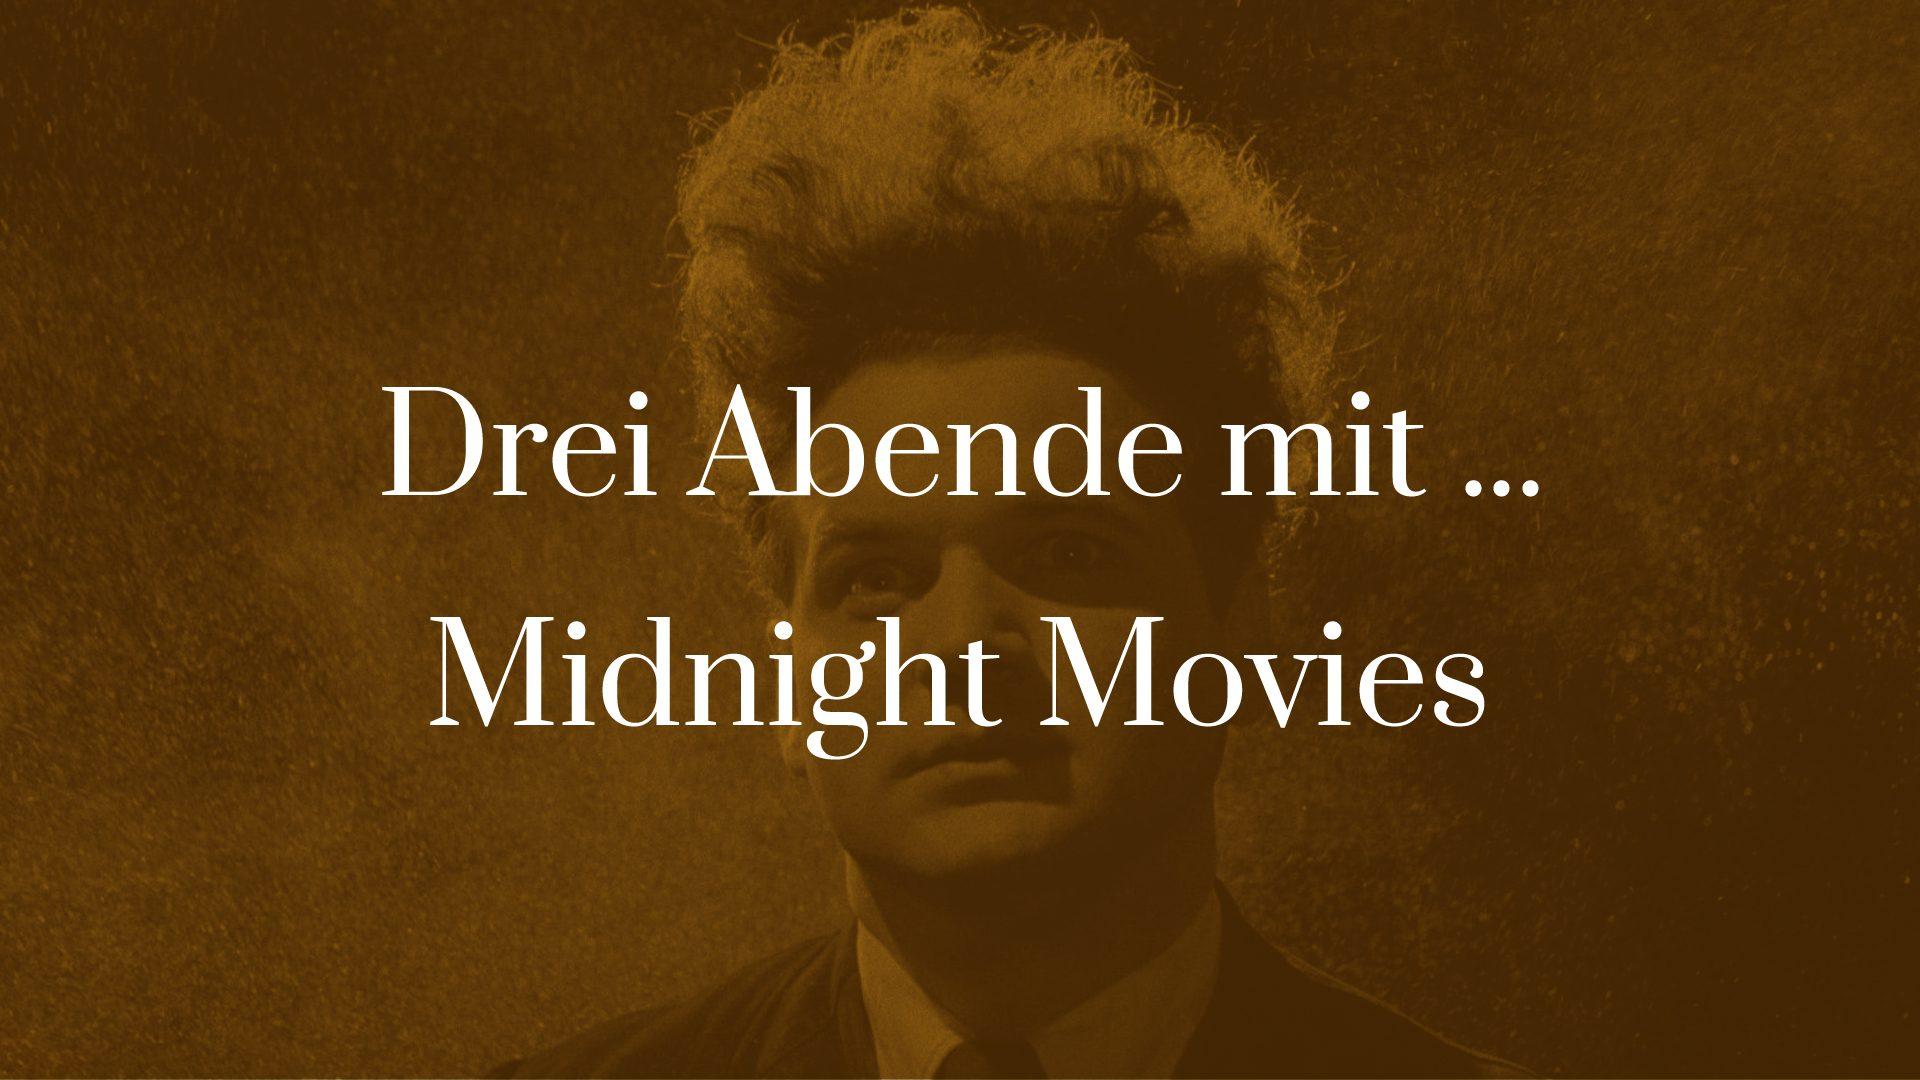 Symbolbild zu Drei Abende mit ... Midnight Movies